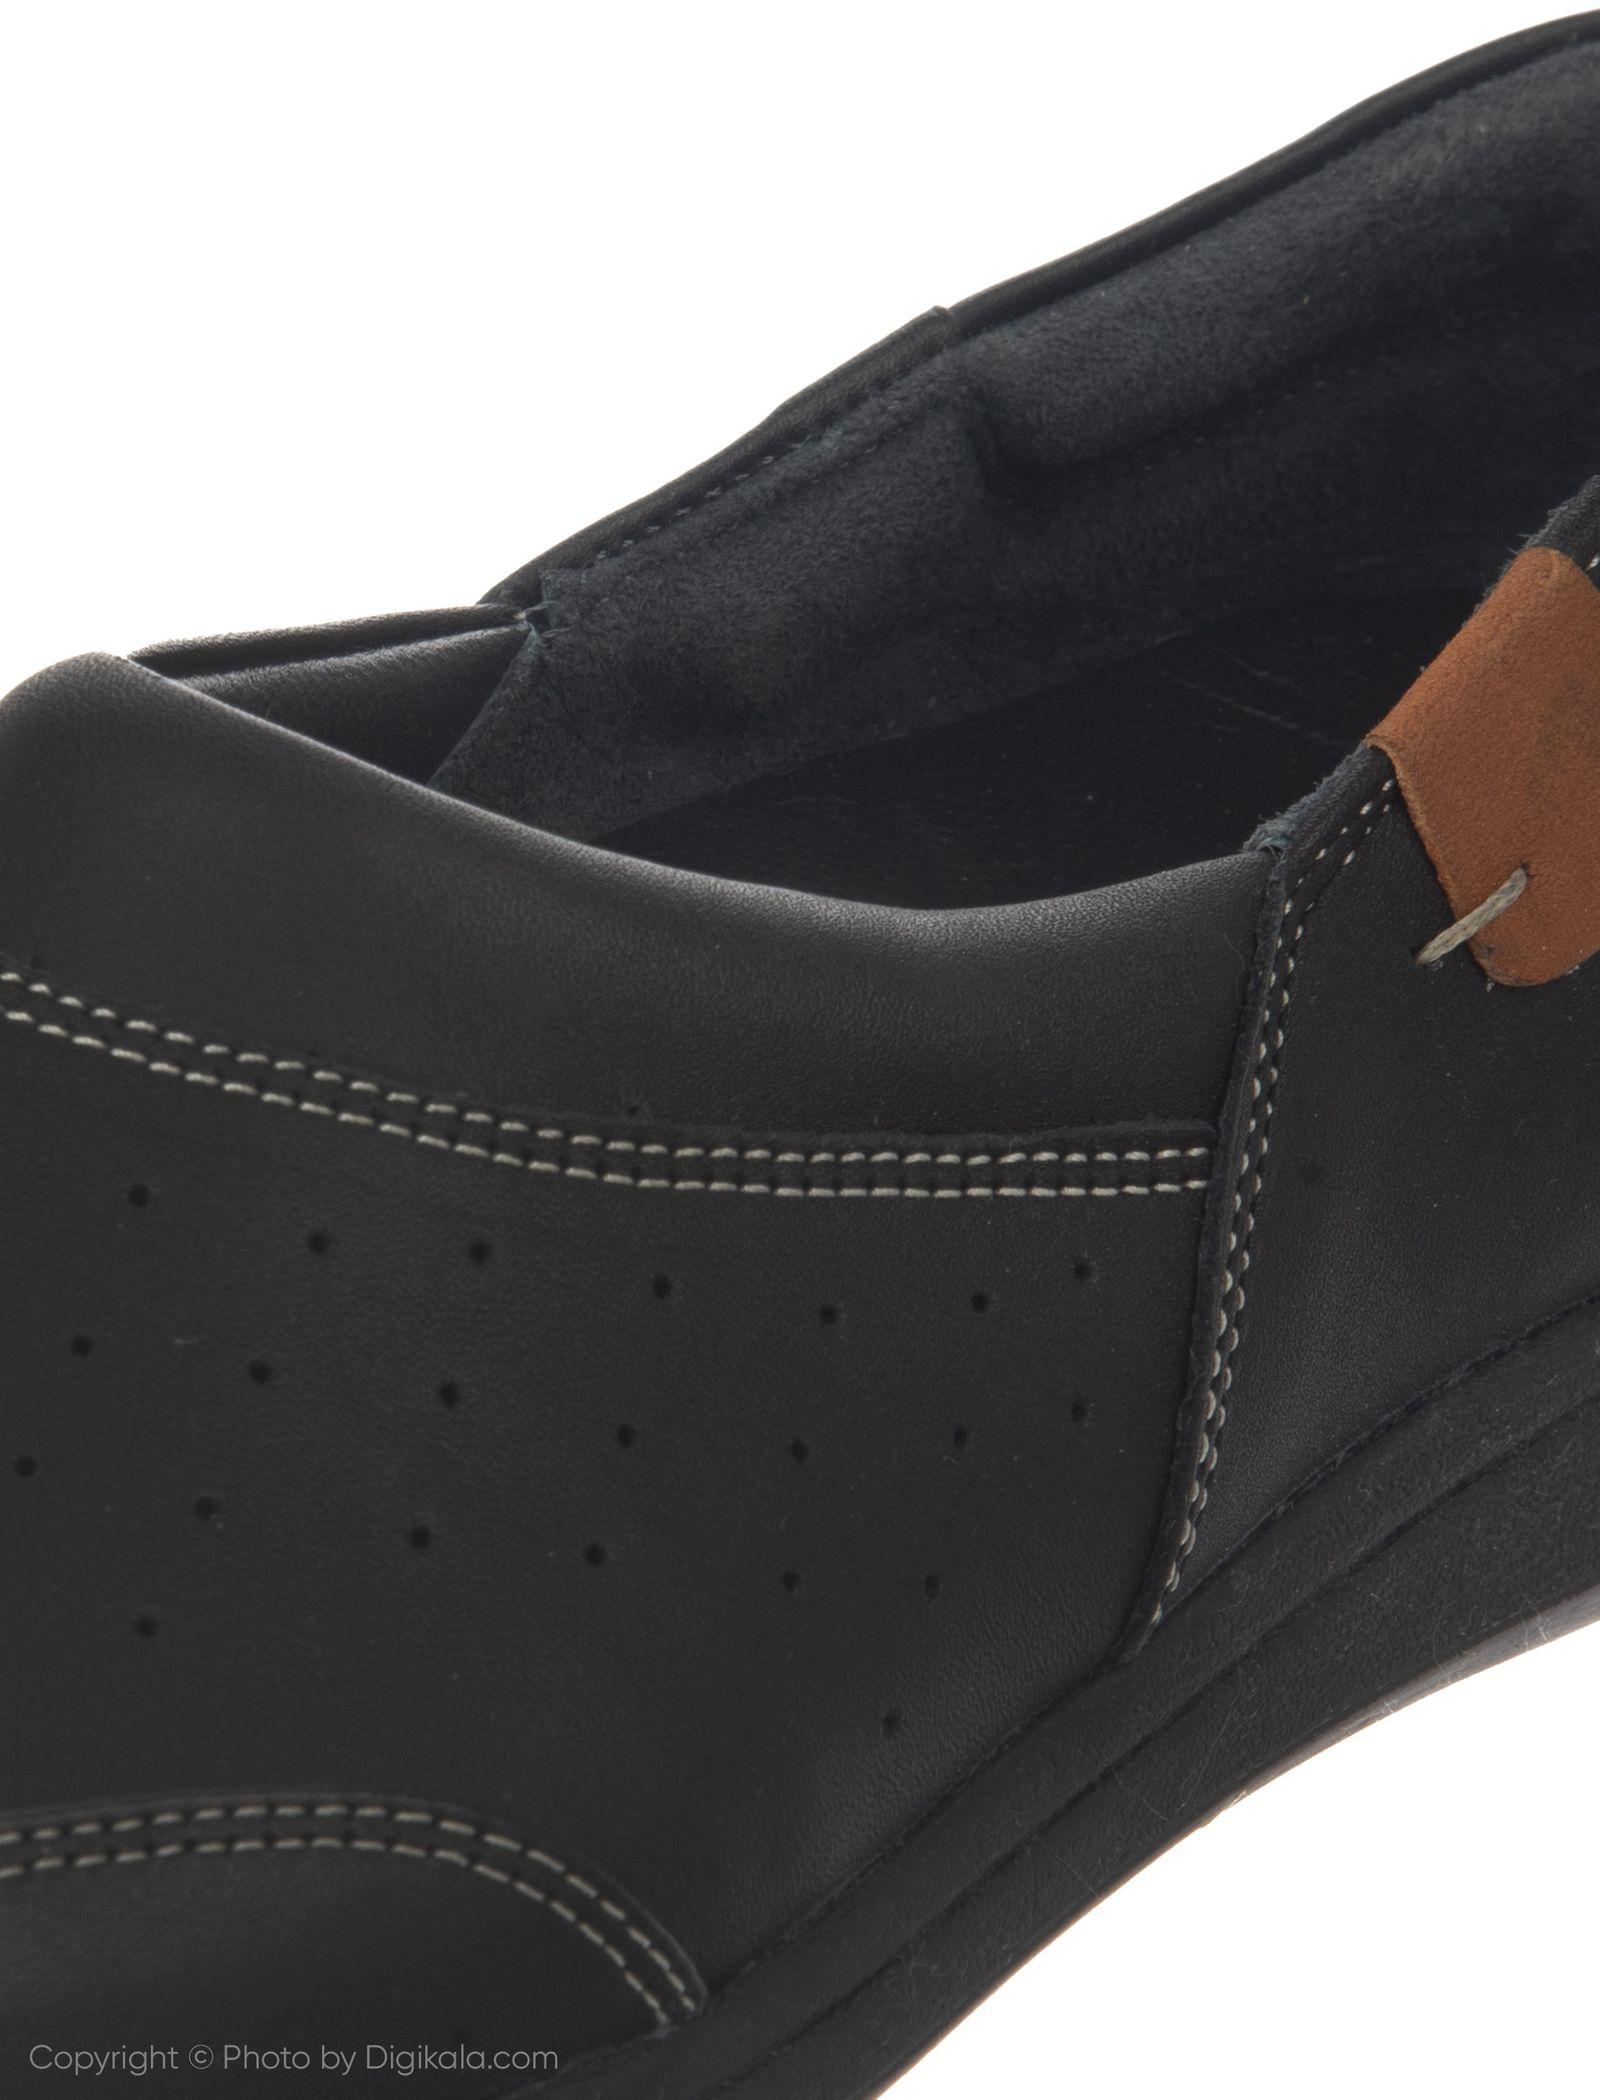 کفش روزمره زنانه شیفر مدل 5181B-101 - مشکی - 8